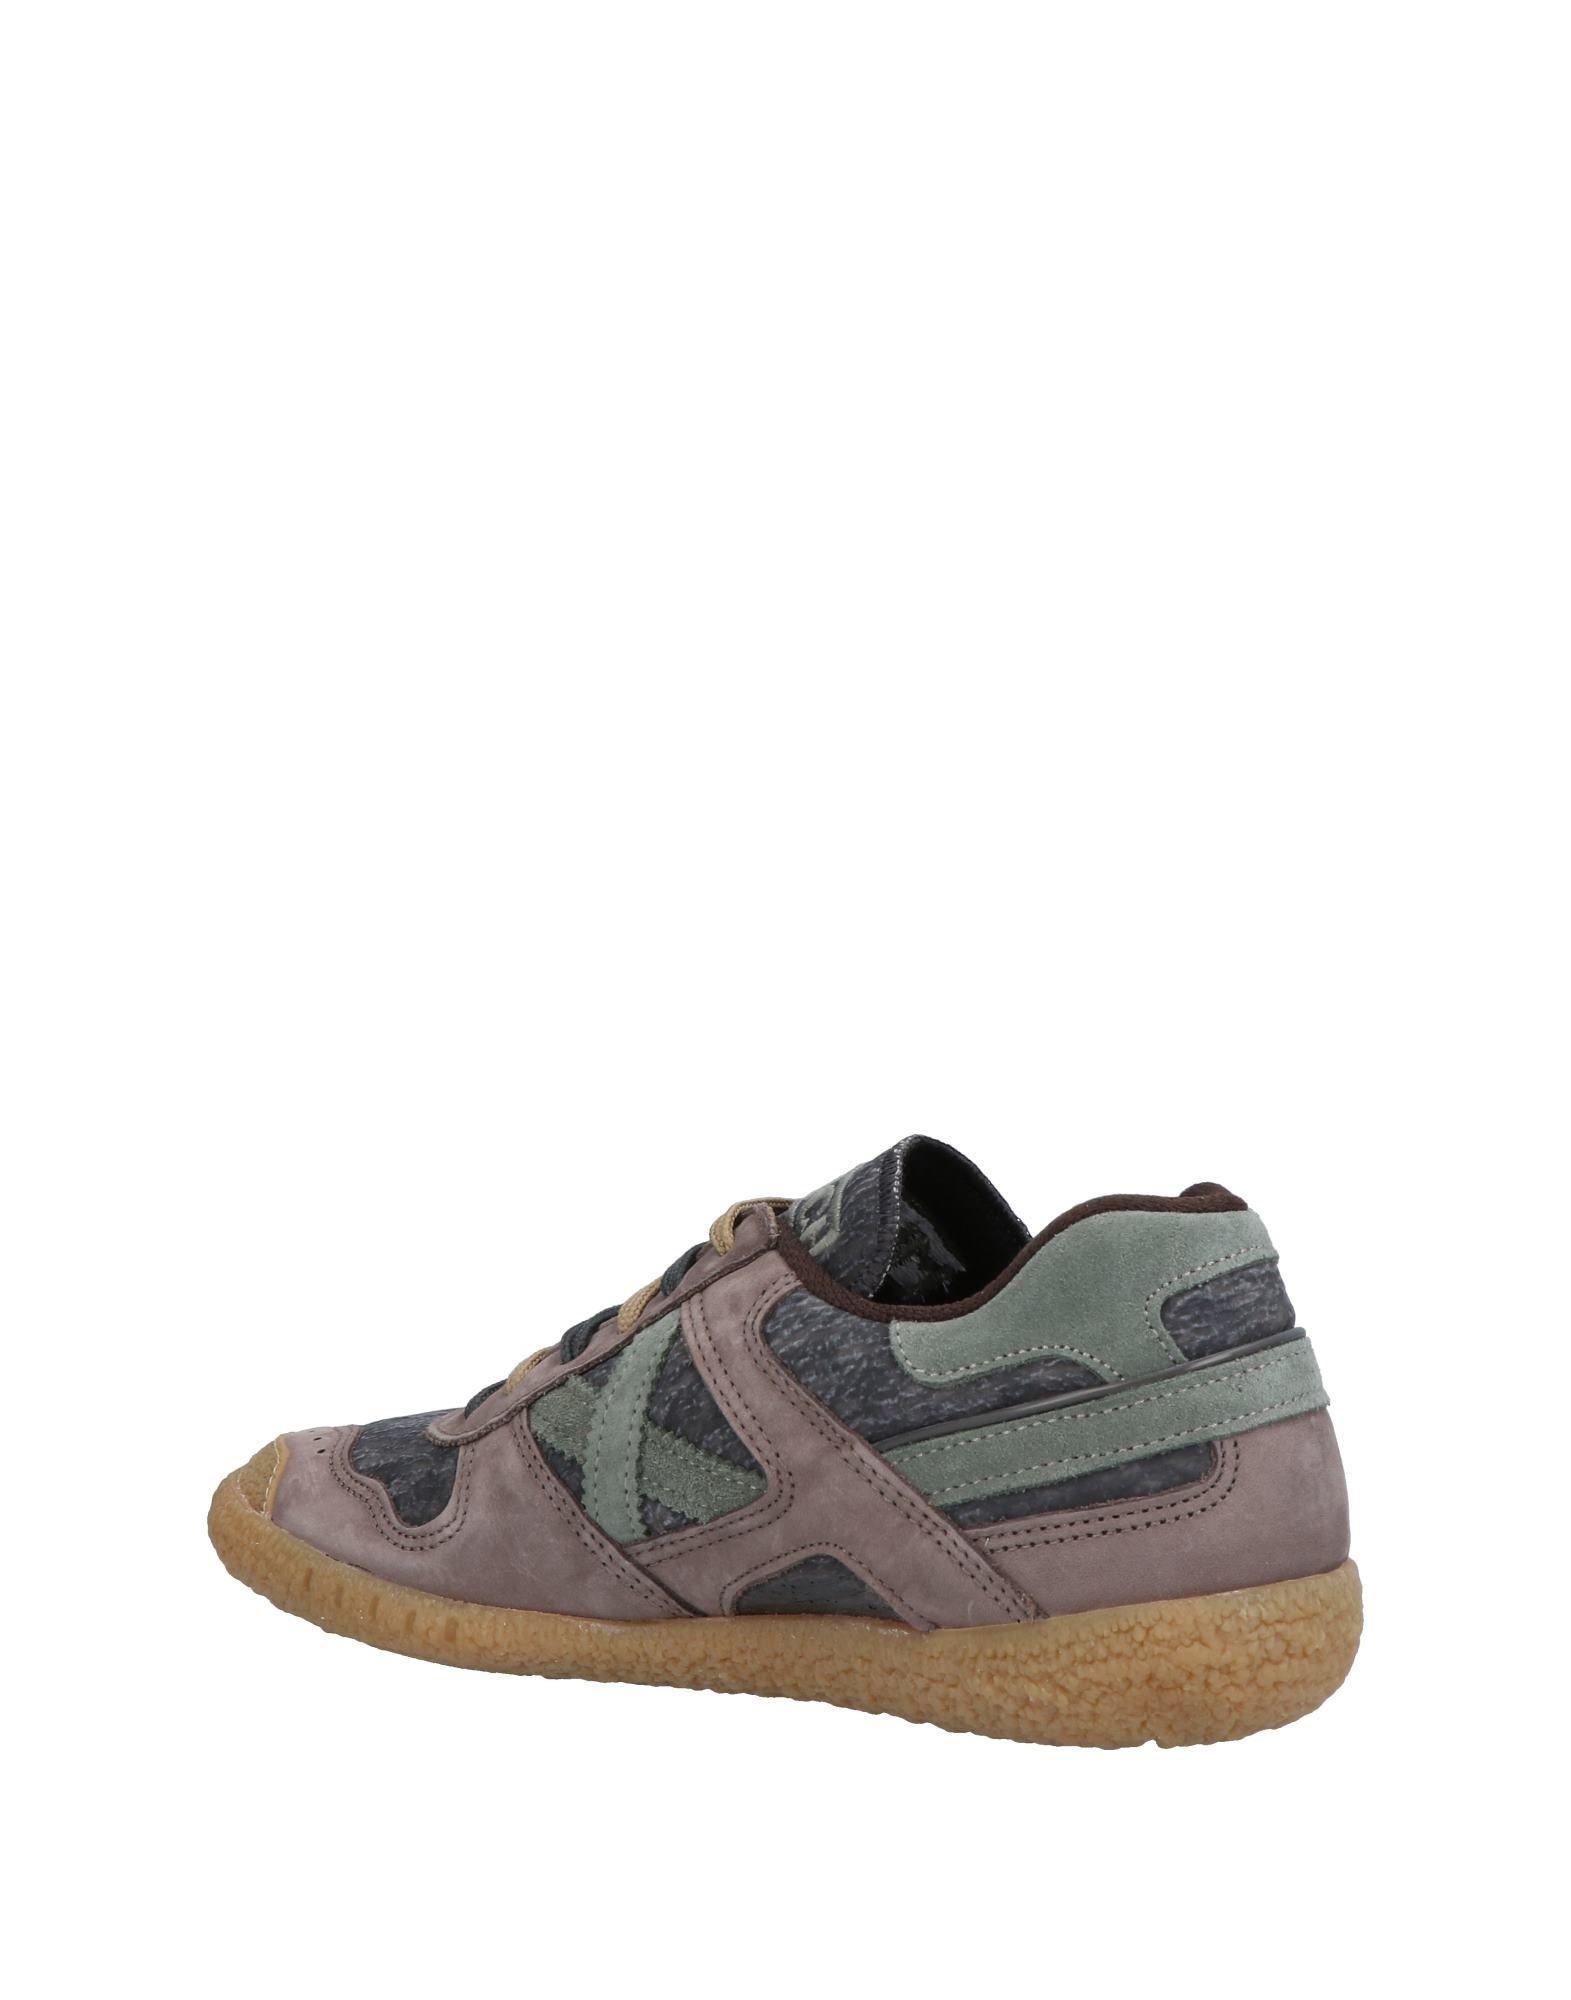 Munich Rubber Low-tops & Sneakers in Grey